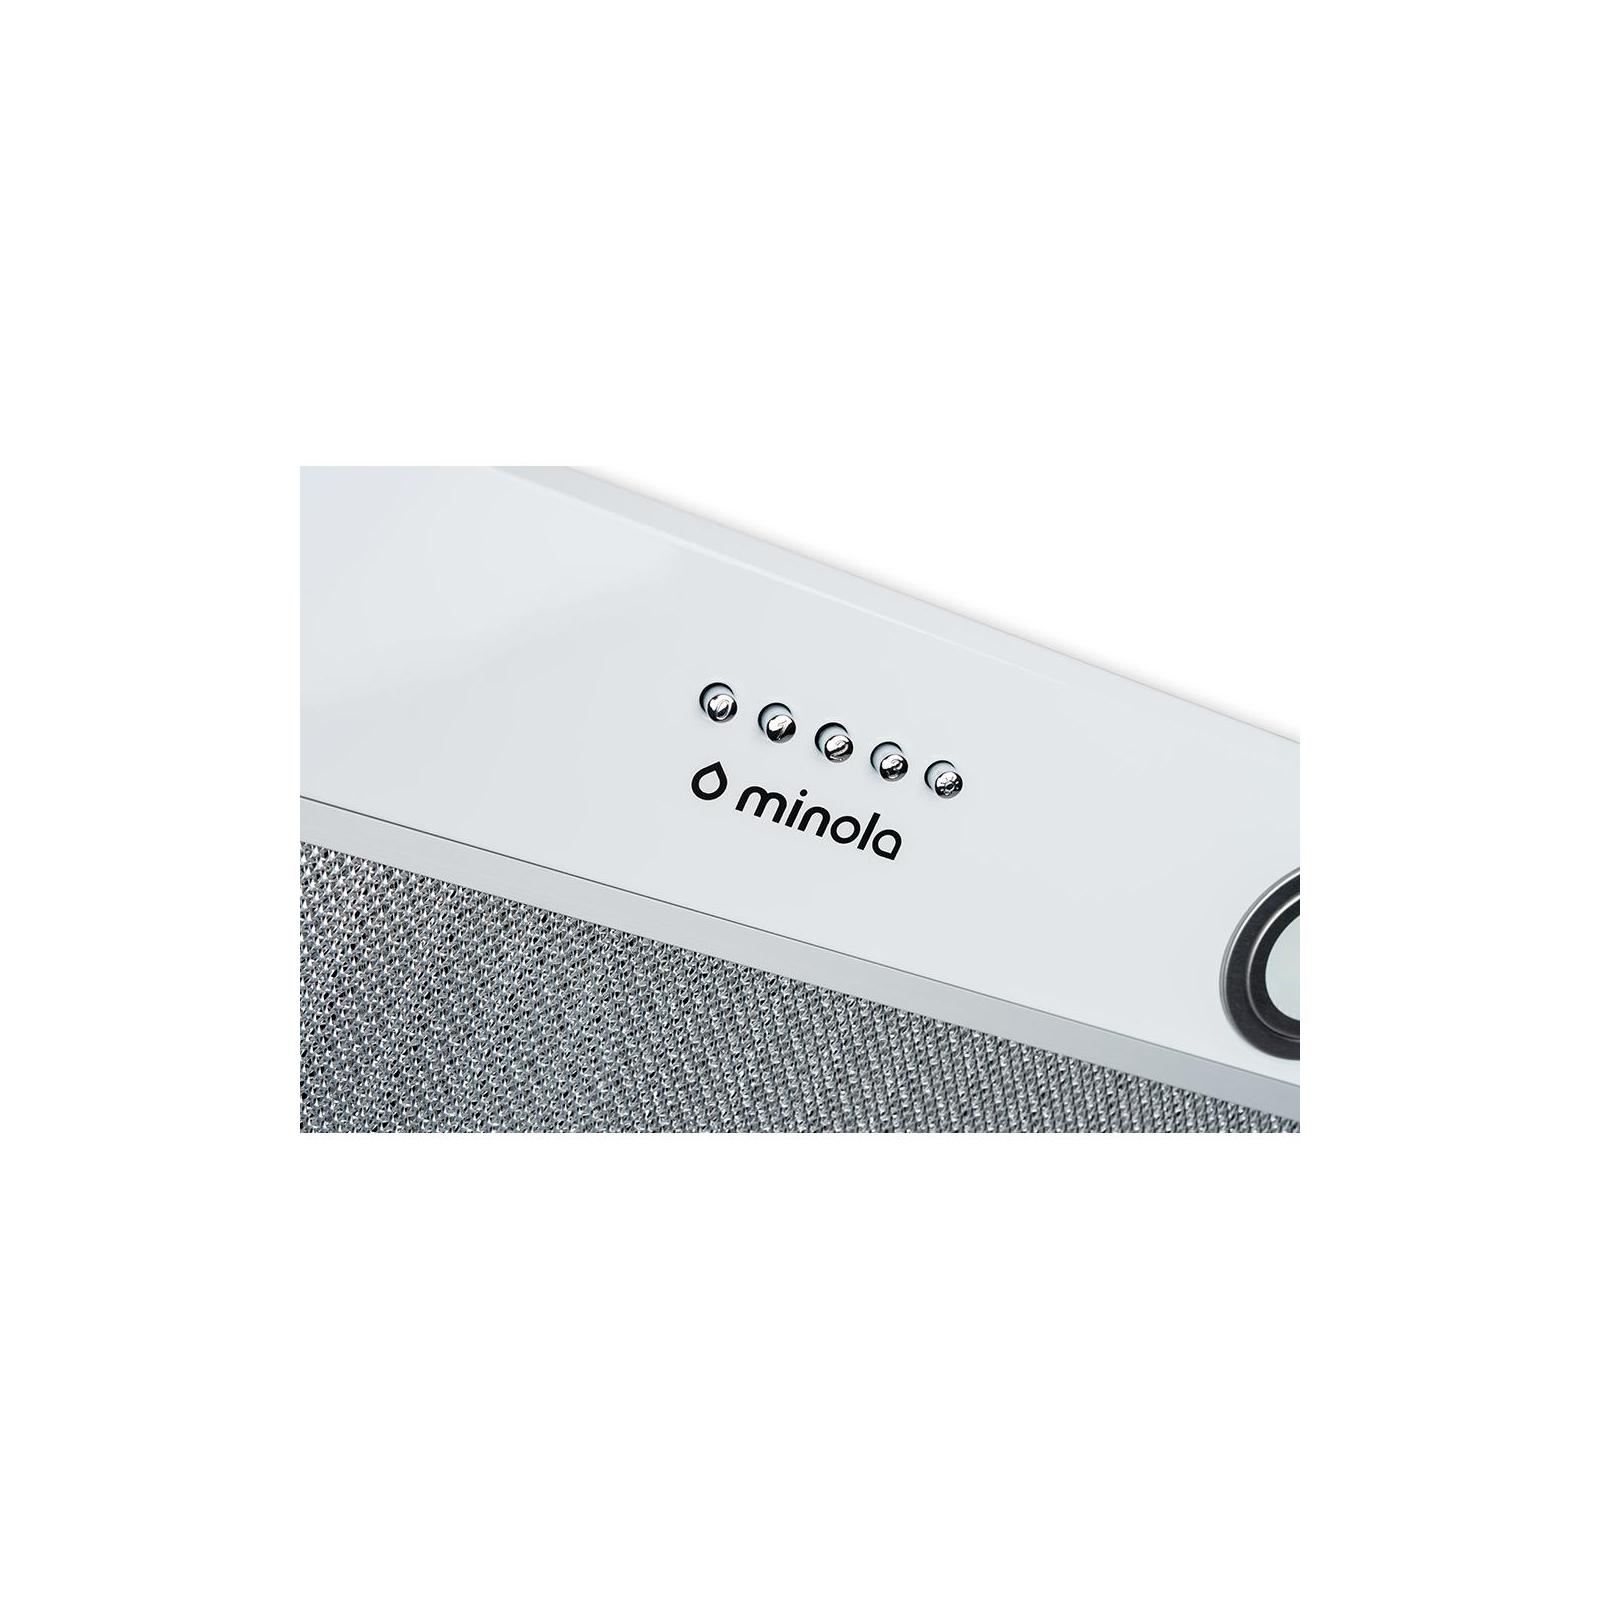 Вытяжка кухонная MINOLA HBI 5822 WH 1200 LED изображение 5